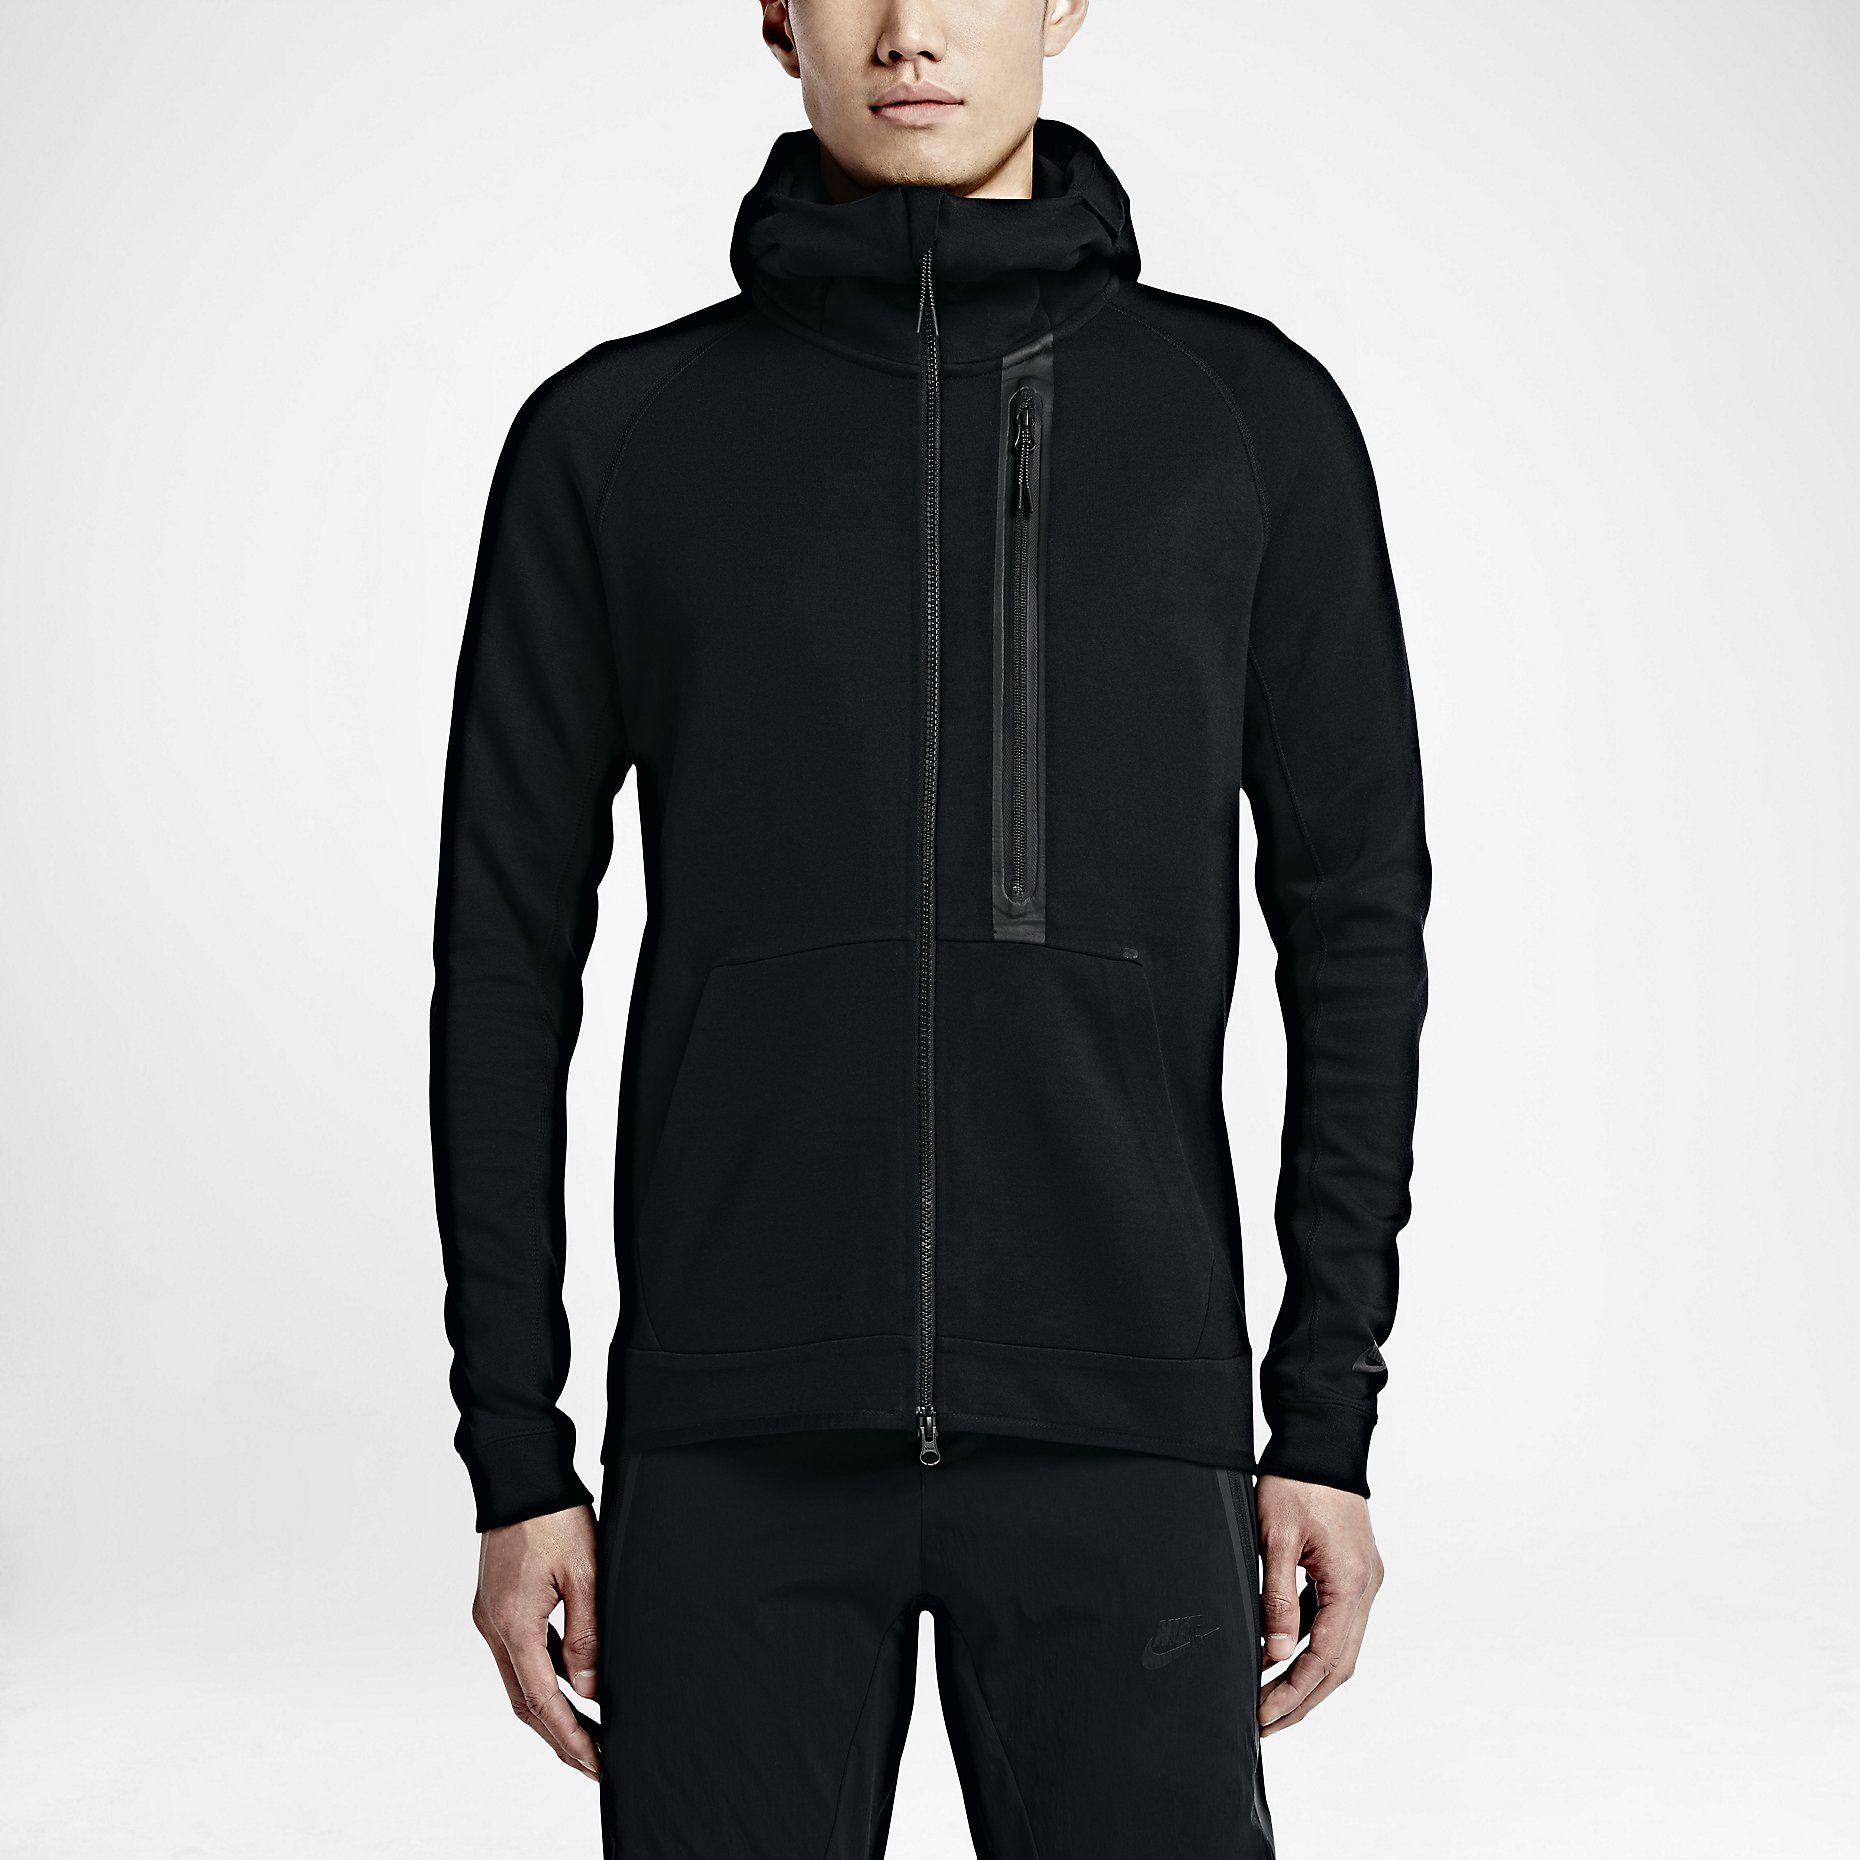 The Nike Tech Fleece Hero Full Zip Men S Hoodie Nike Tech Fleece Tech Fleece Hoodie Tech Fleece [ 1860 x 1860 Pixel ]